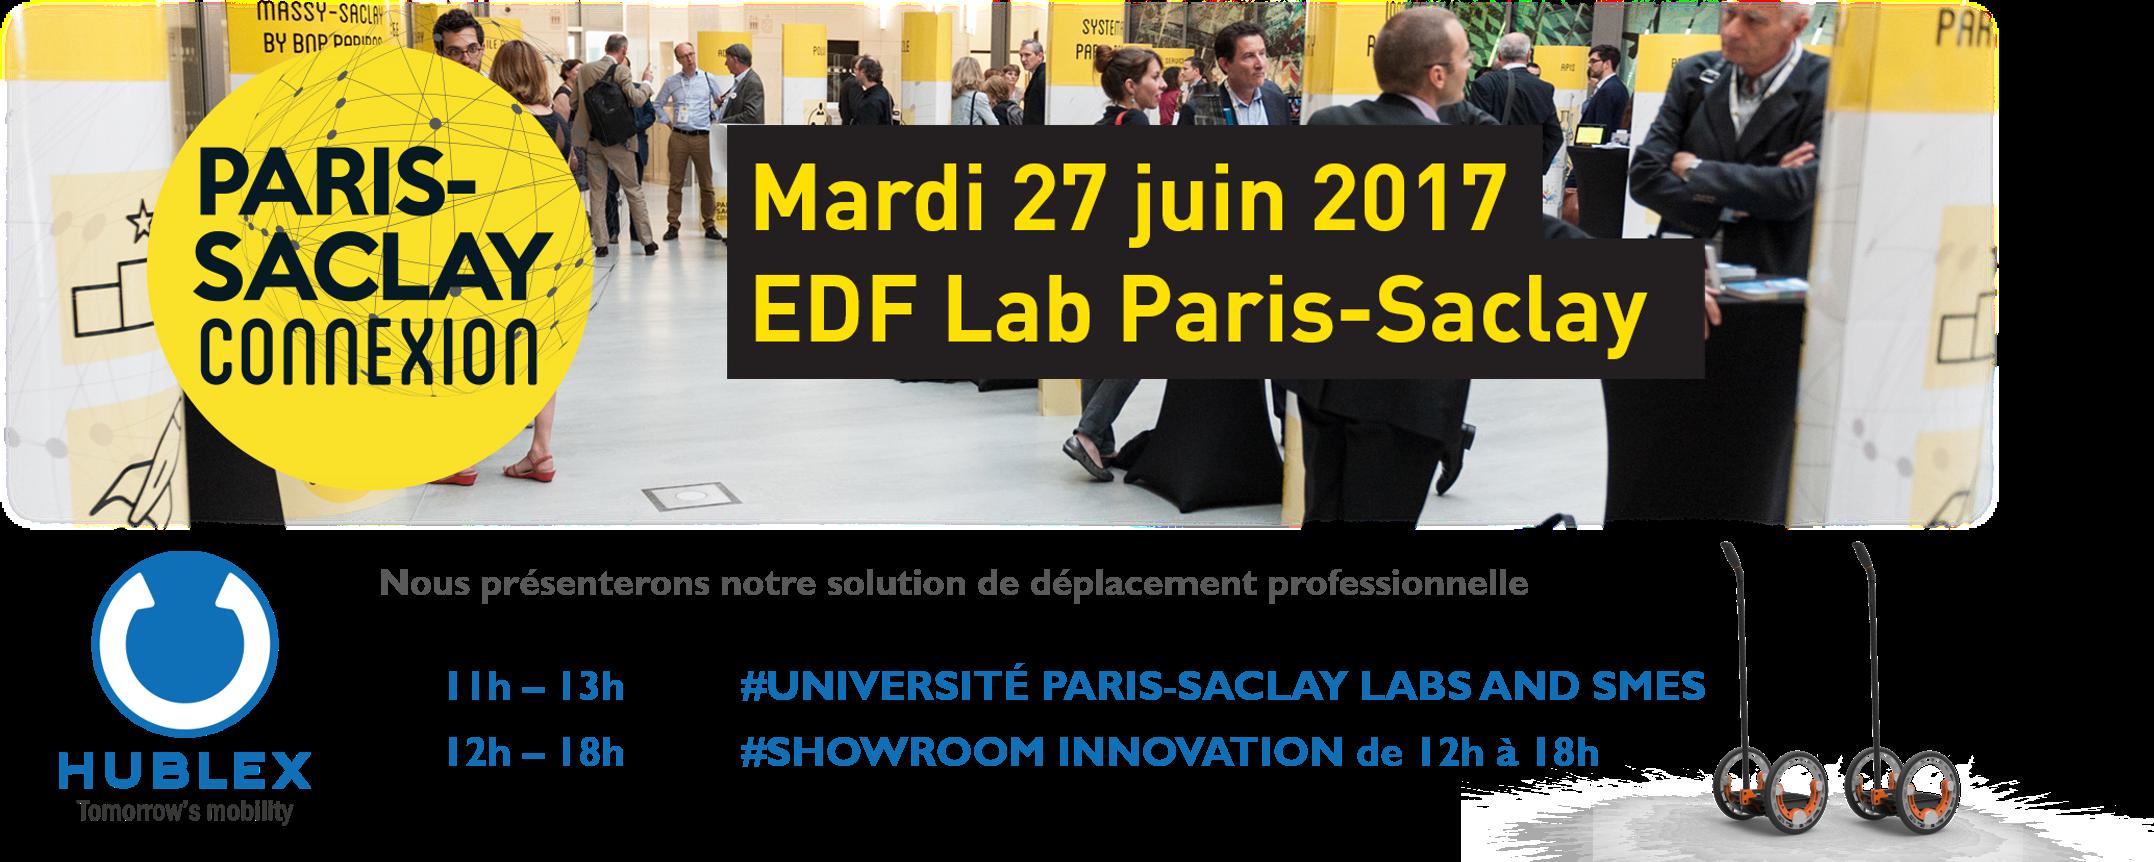 Paris Saclay Connexion - Les rendez-vous d'affaires de l'innovation